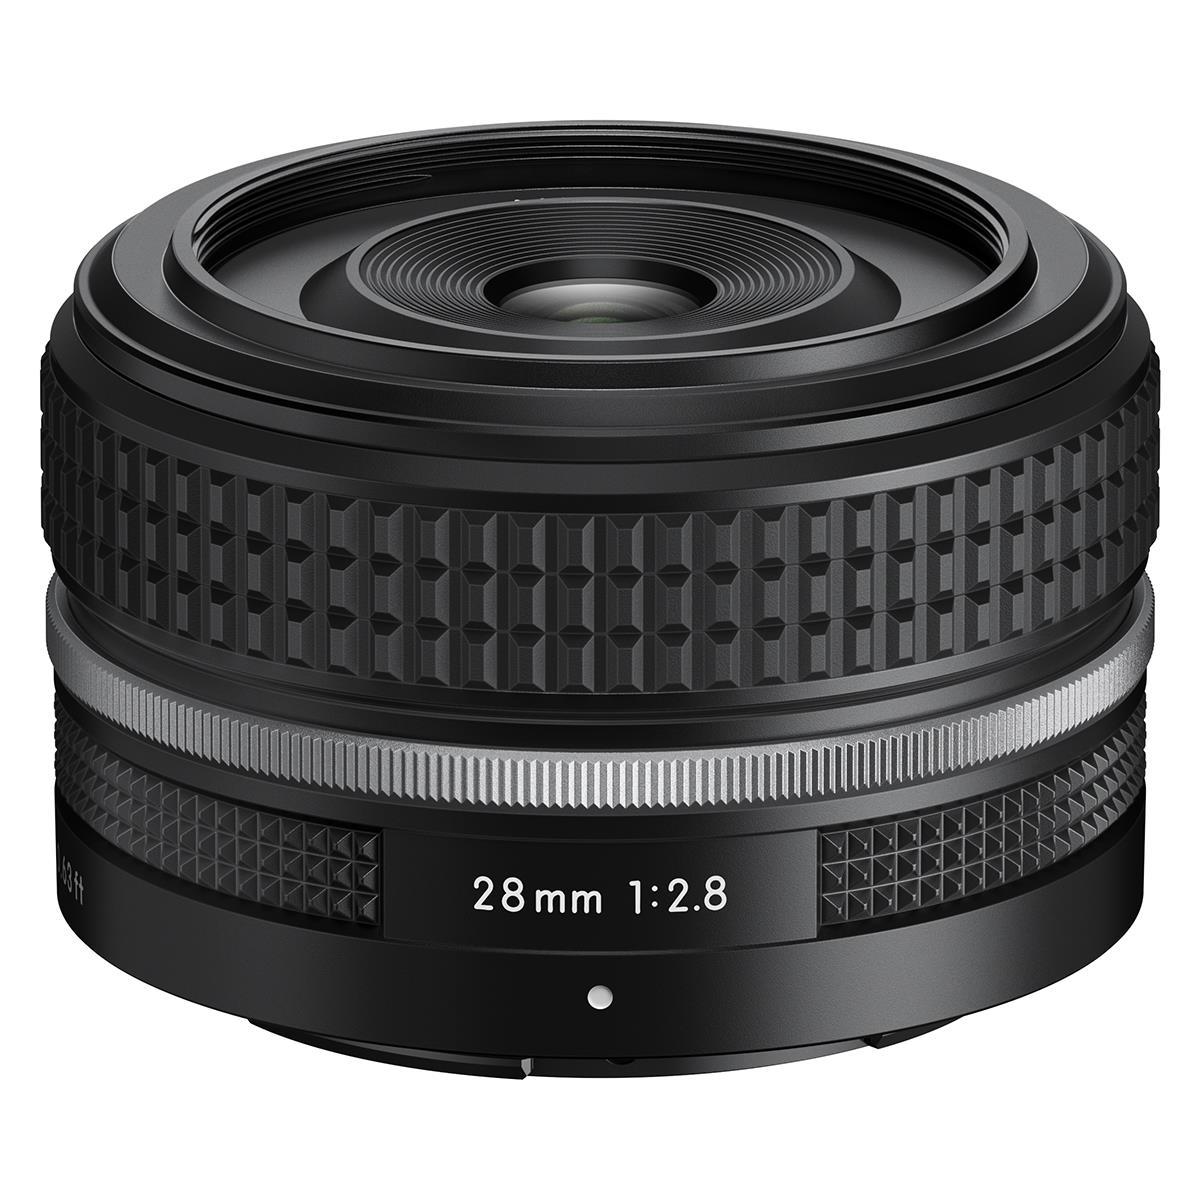 The new Nikon 28mm f/2.8